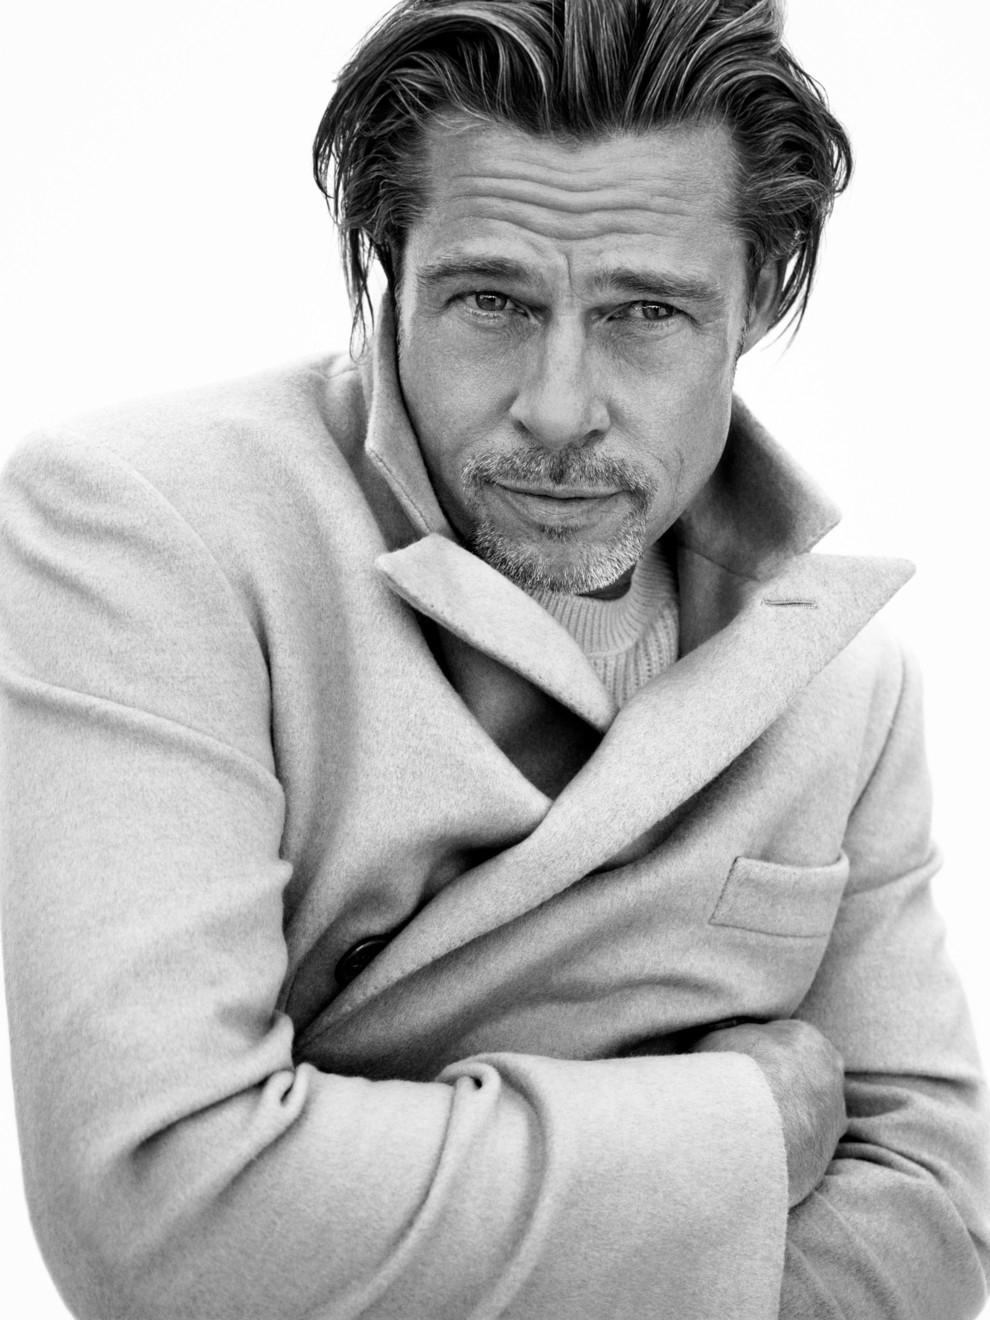 Идеальный мужчина: Брэд Питт снялся в новой рекламной кампании Brioni (ФОТО) - фото №1